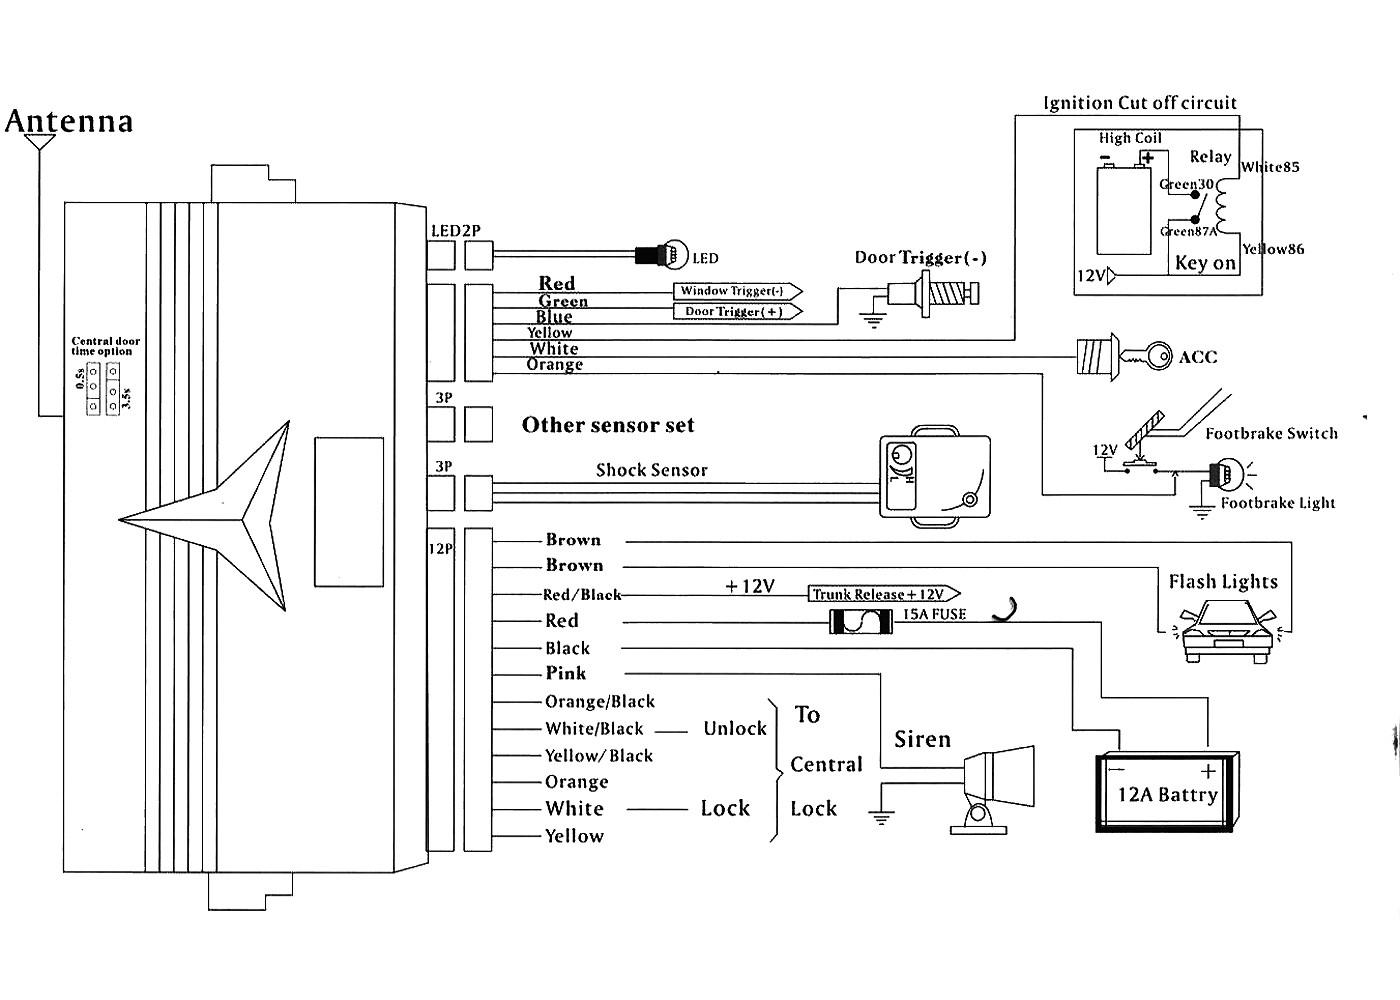 viper alarm wire diagram wiring diagram image rh mainetreasurechest com